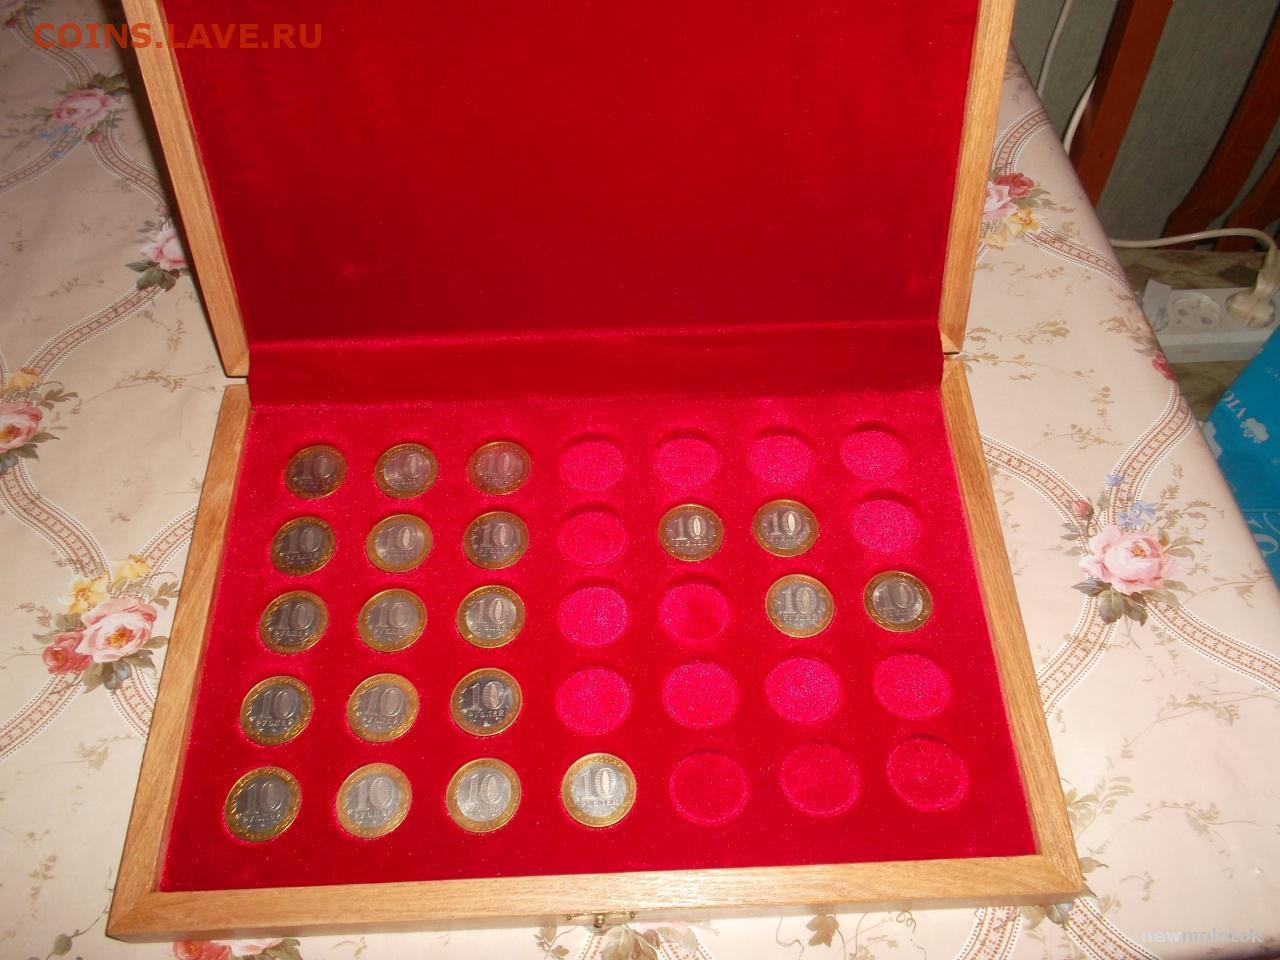 Сделать своими руками для хранения монет